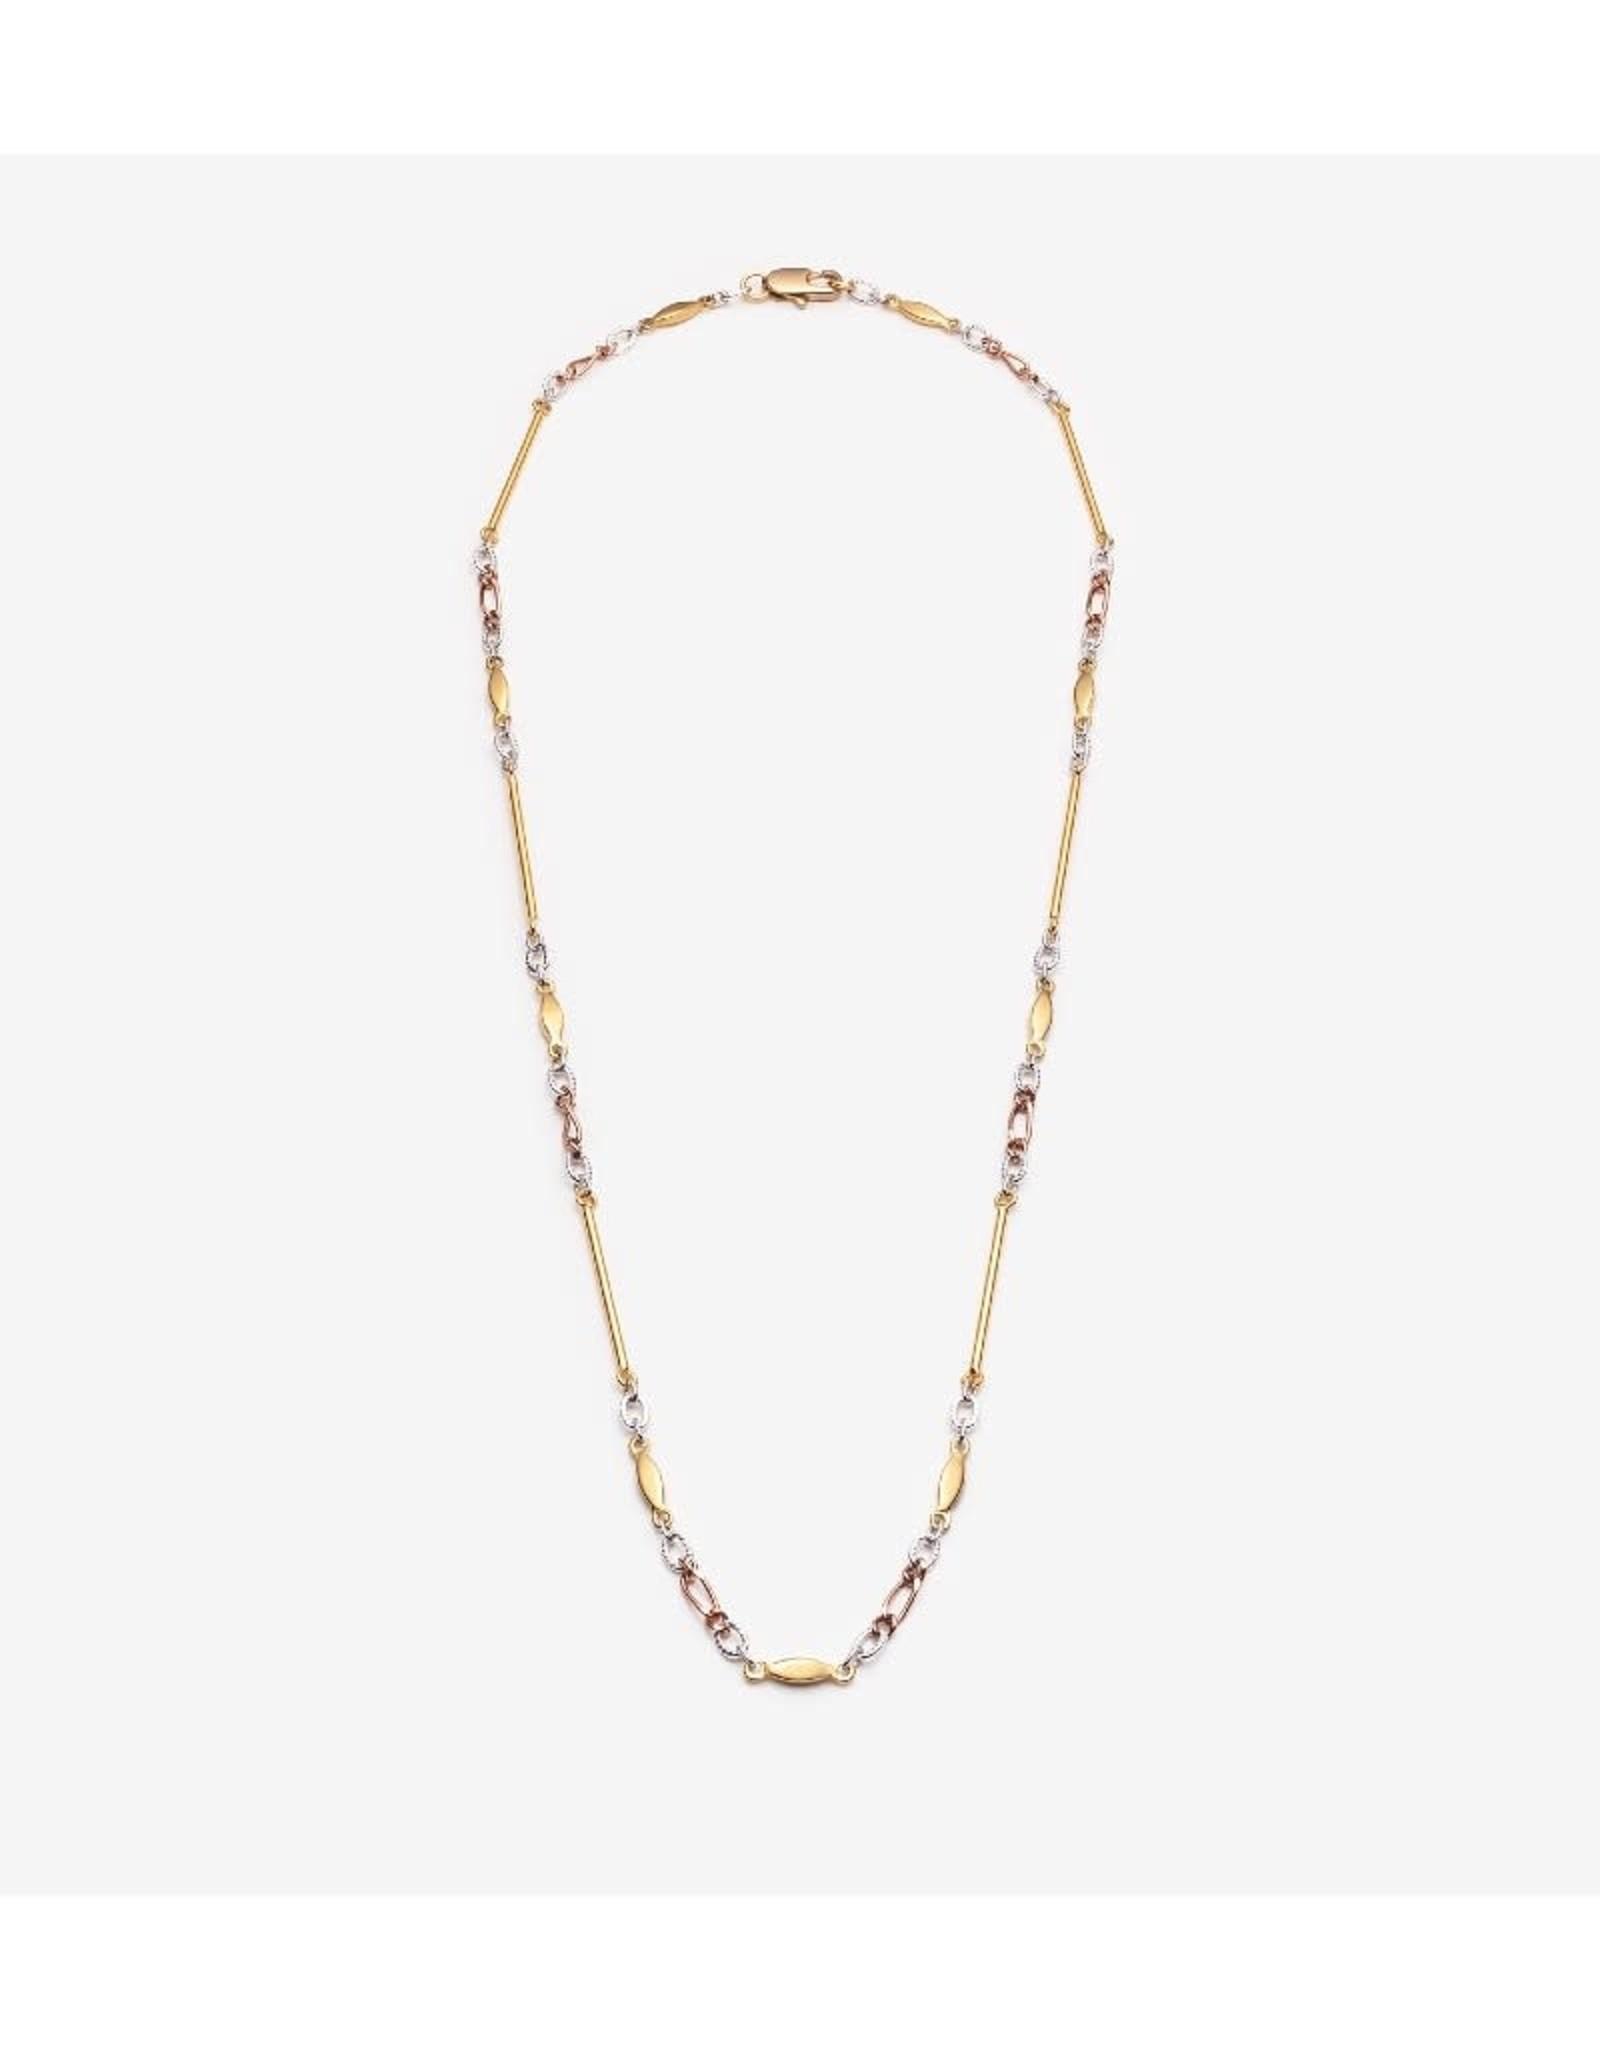 Sphaira Jewelry Collier Tamara Sphaira